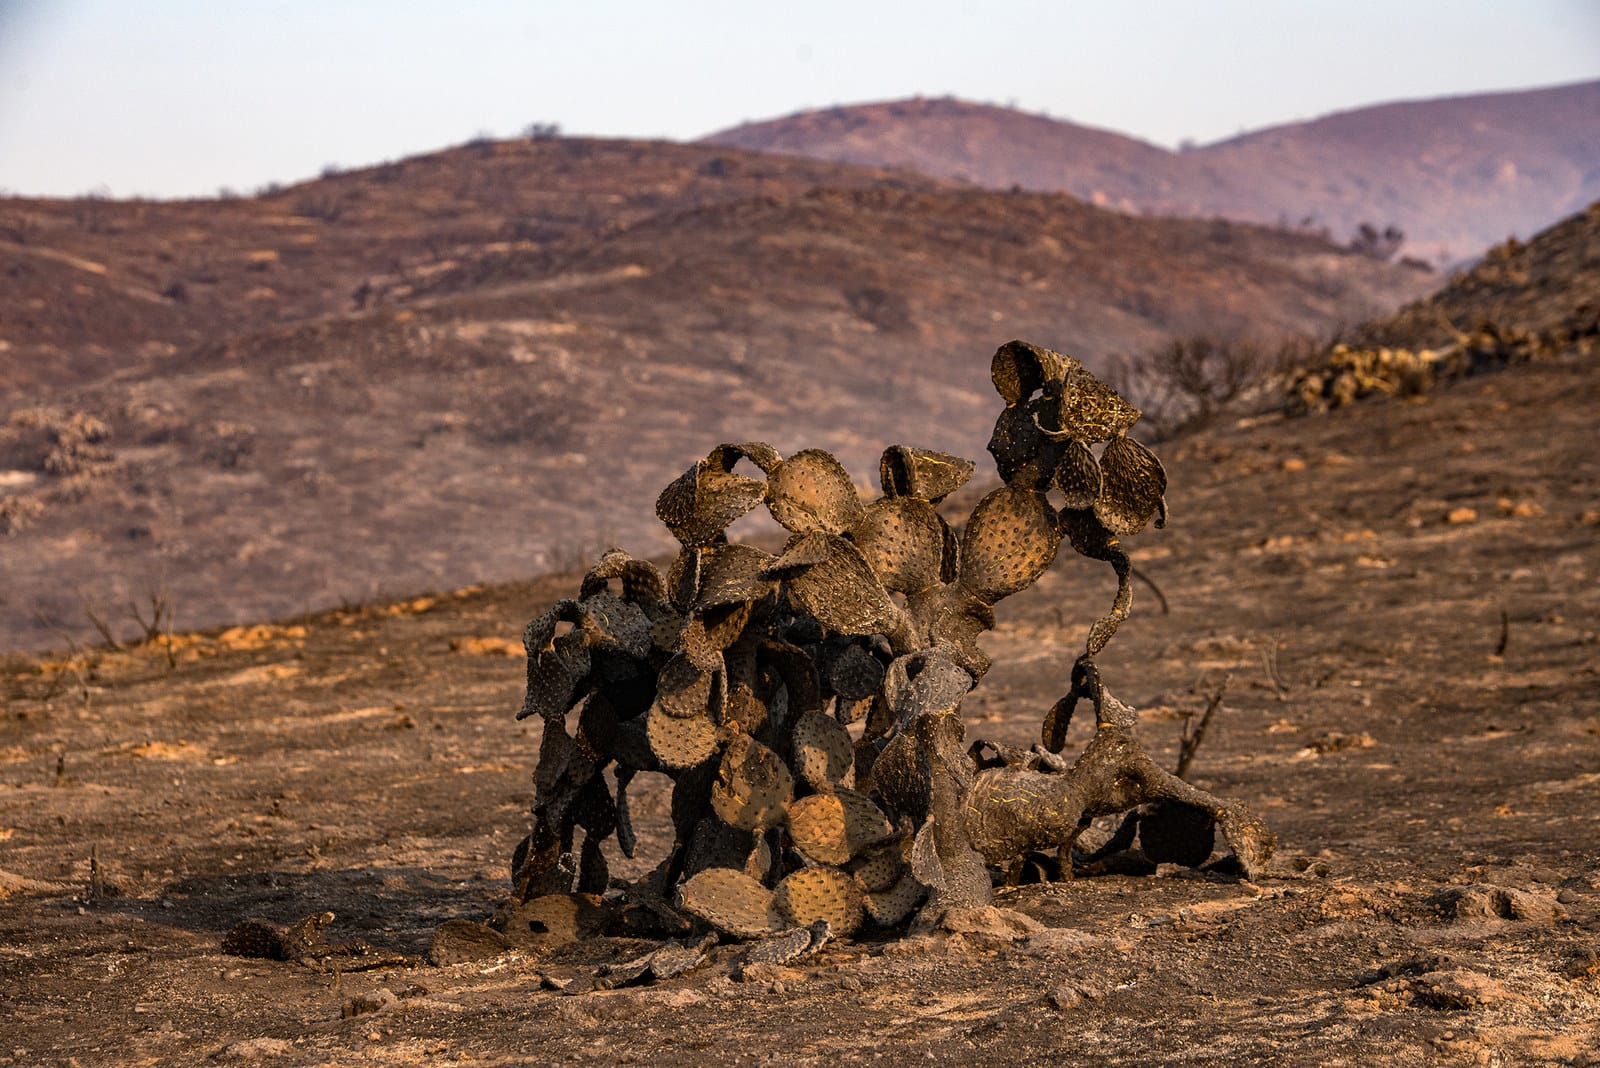 29 фото о том, во что превратилась Калифорния после адских пожаров